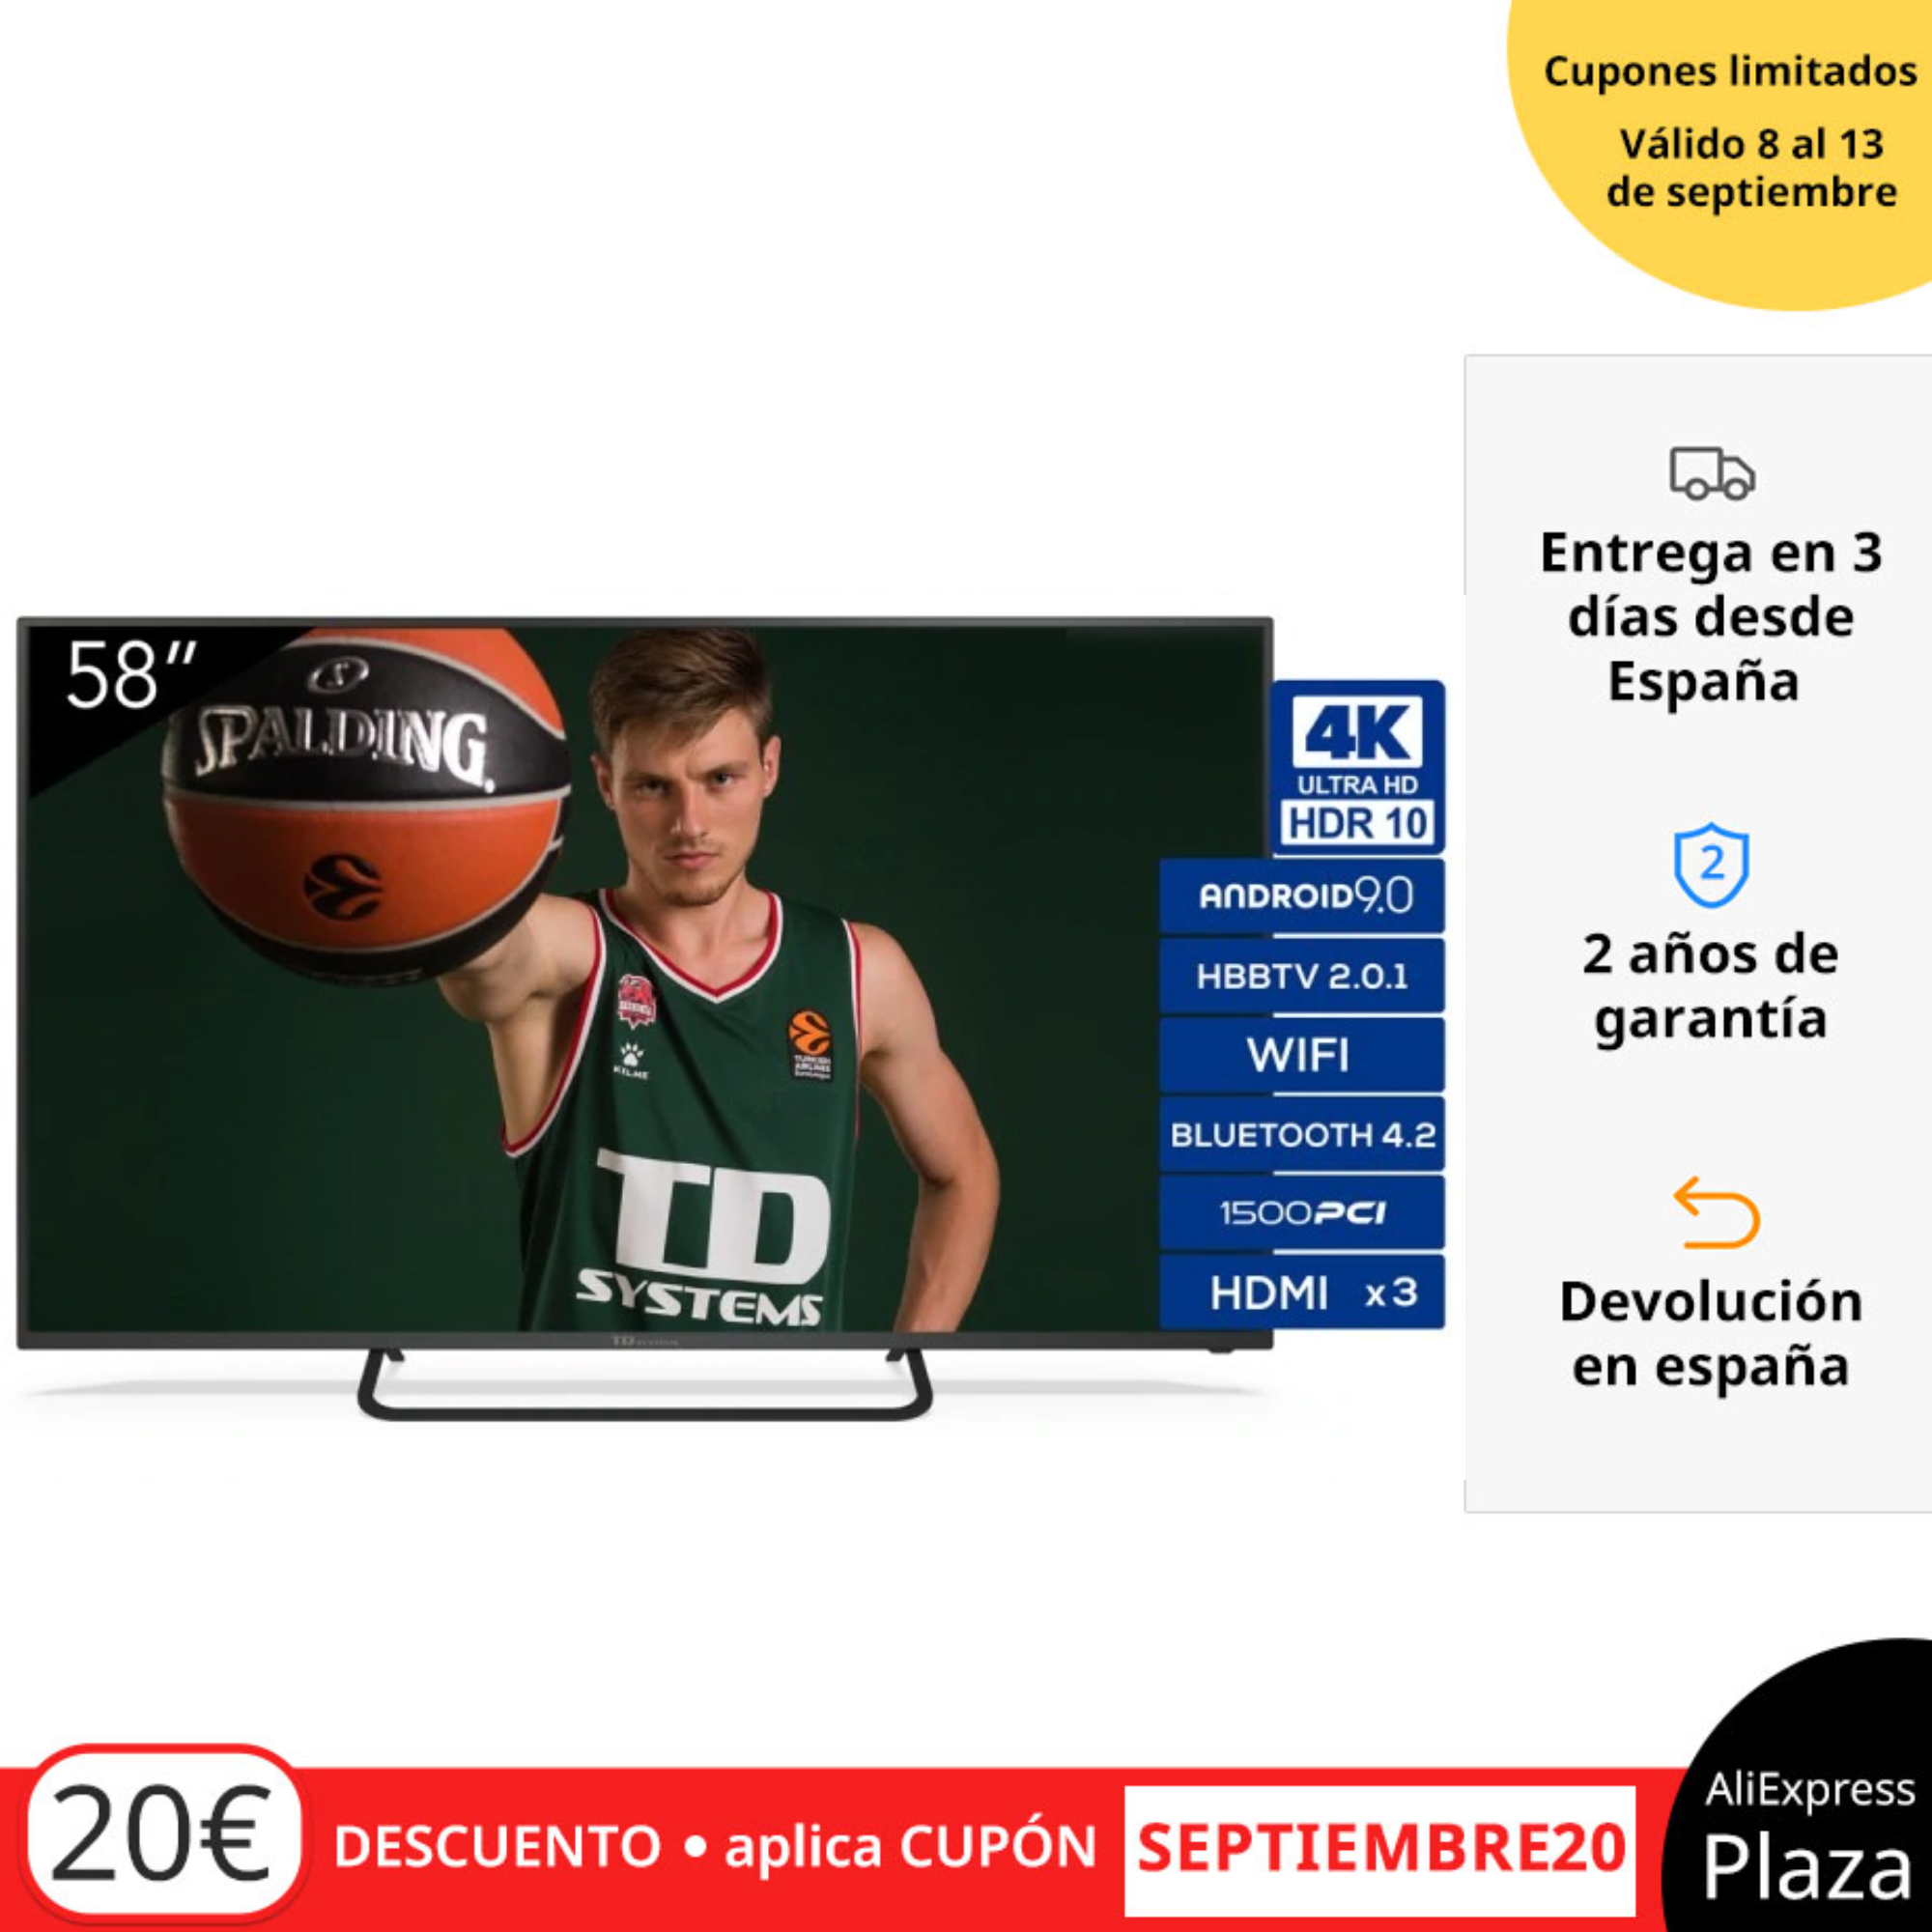 Televisores Smart TV 58 Pulgadas TD Systems K58DLX11US. UHD 4K HDR, DVB-T2/C/S2, HbbTV [Envío desde España, garantía de 2 años]